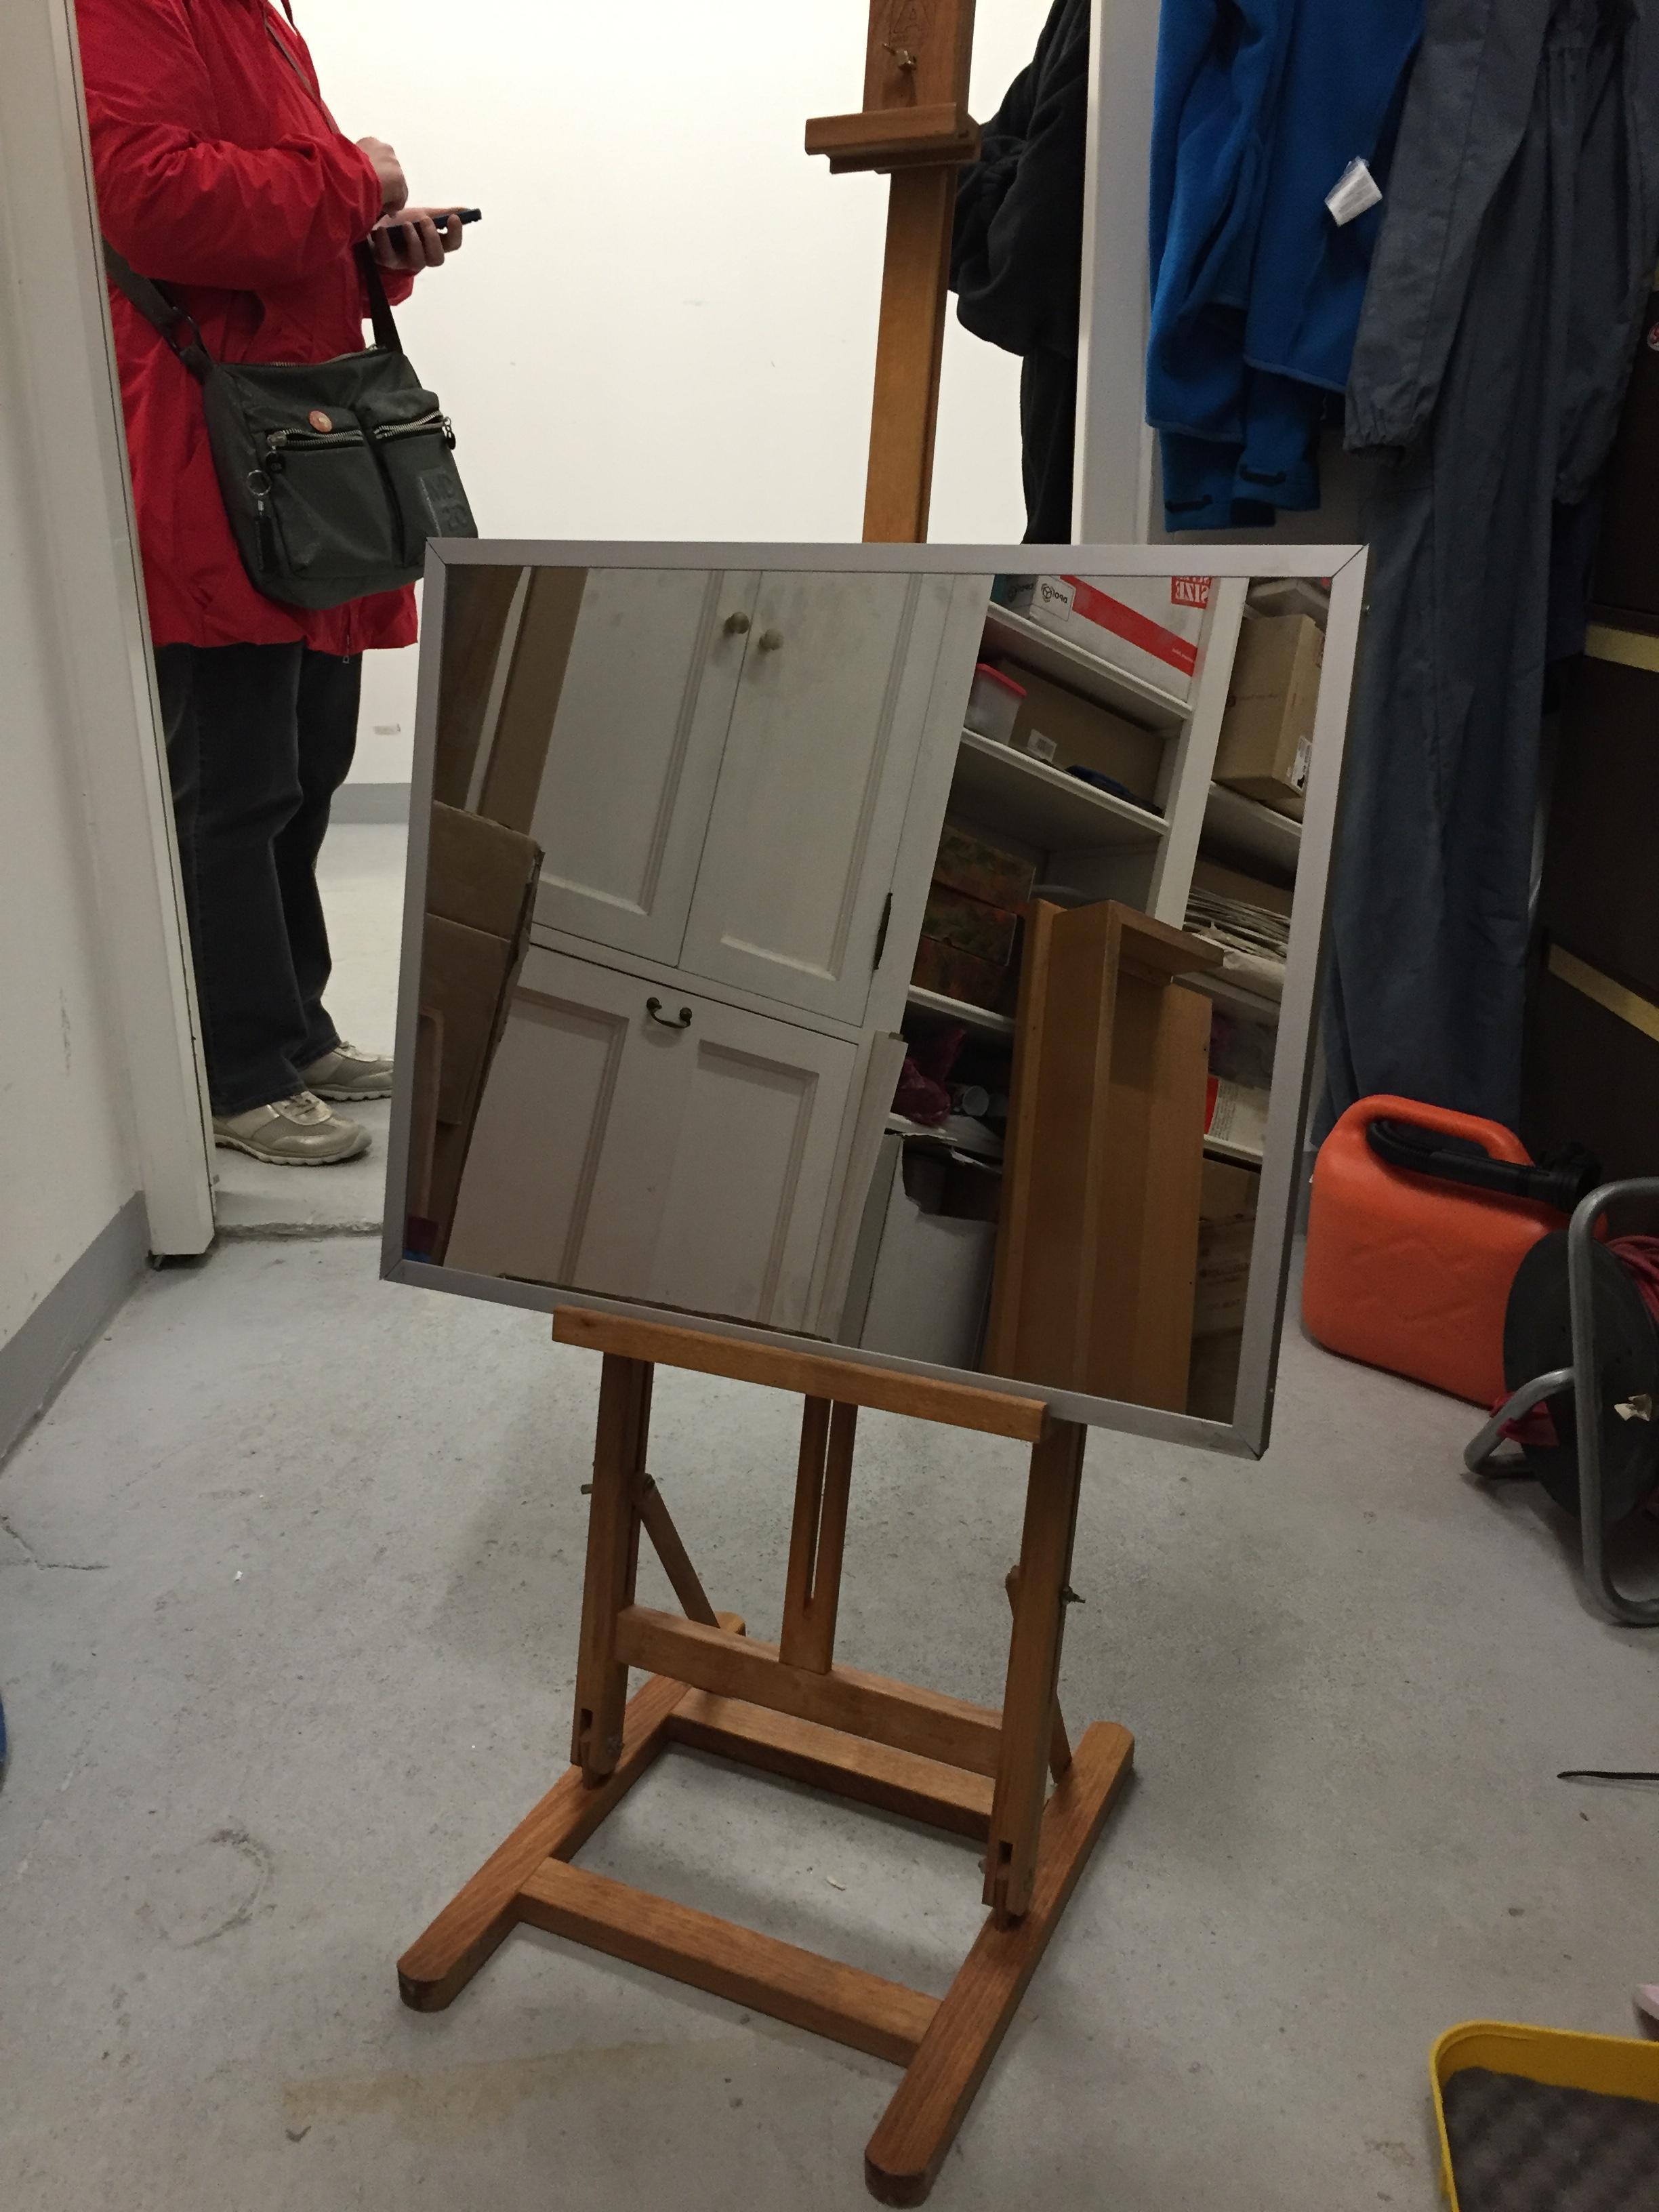 Проект Reflecty: зеркало как часть умного дома - 3